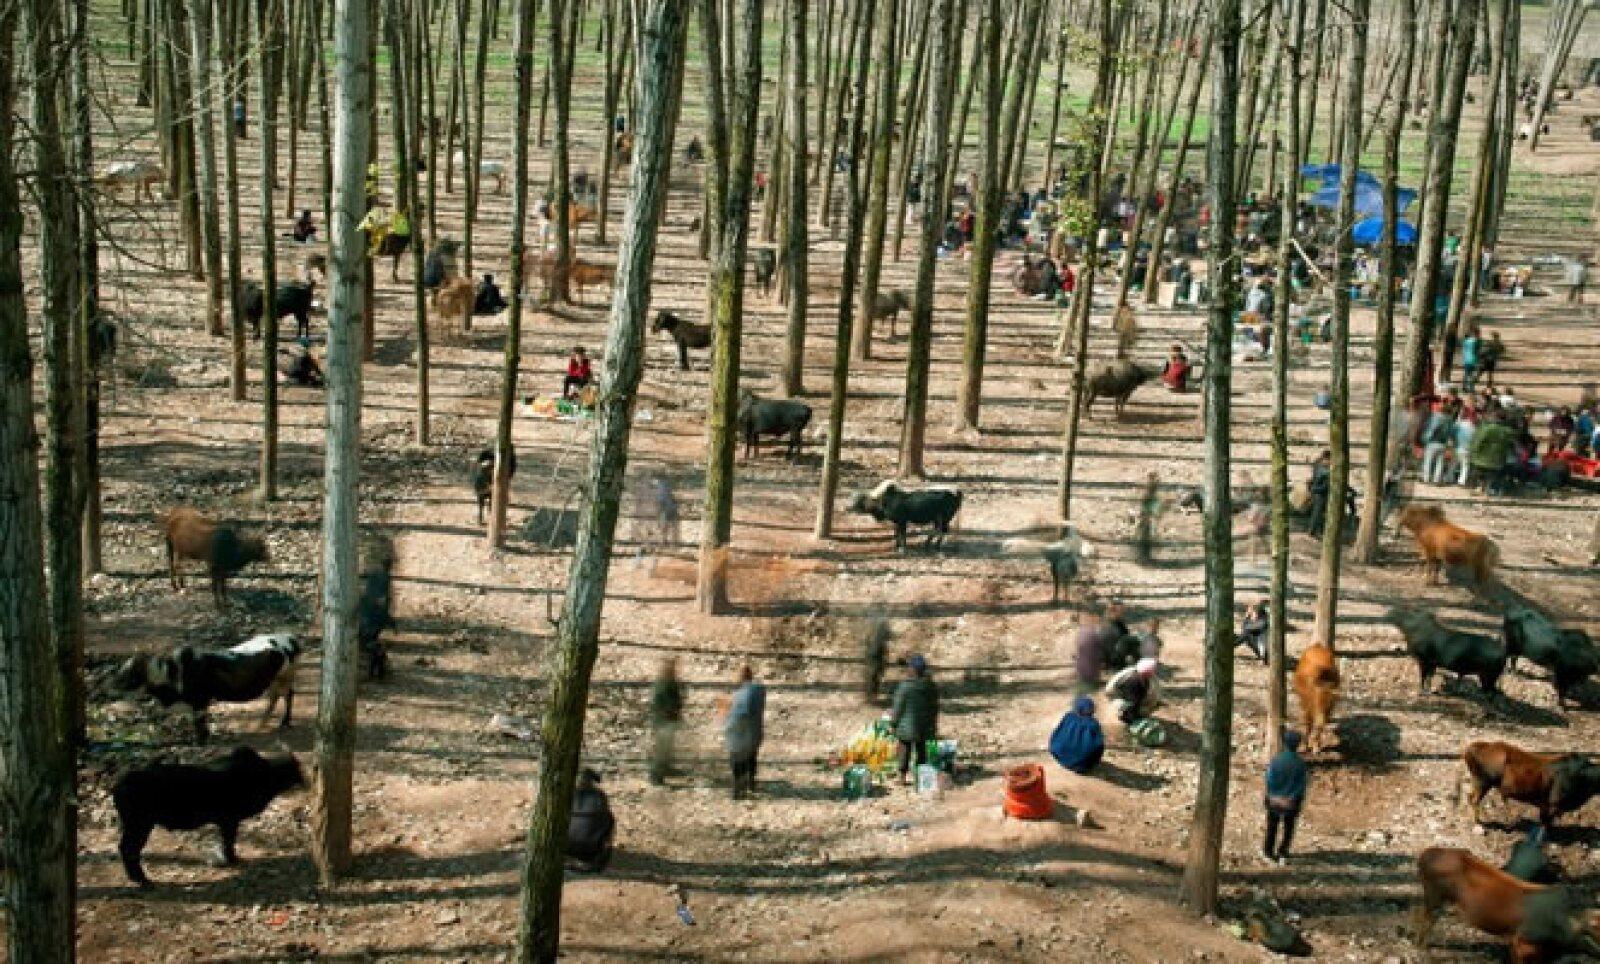 Gente se reúne en un mercado de ganado y caballos en una localidad de China. Autor: Cai Sheng Xiang. Categoría: Vida Cotidiana